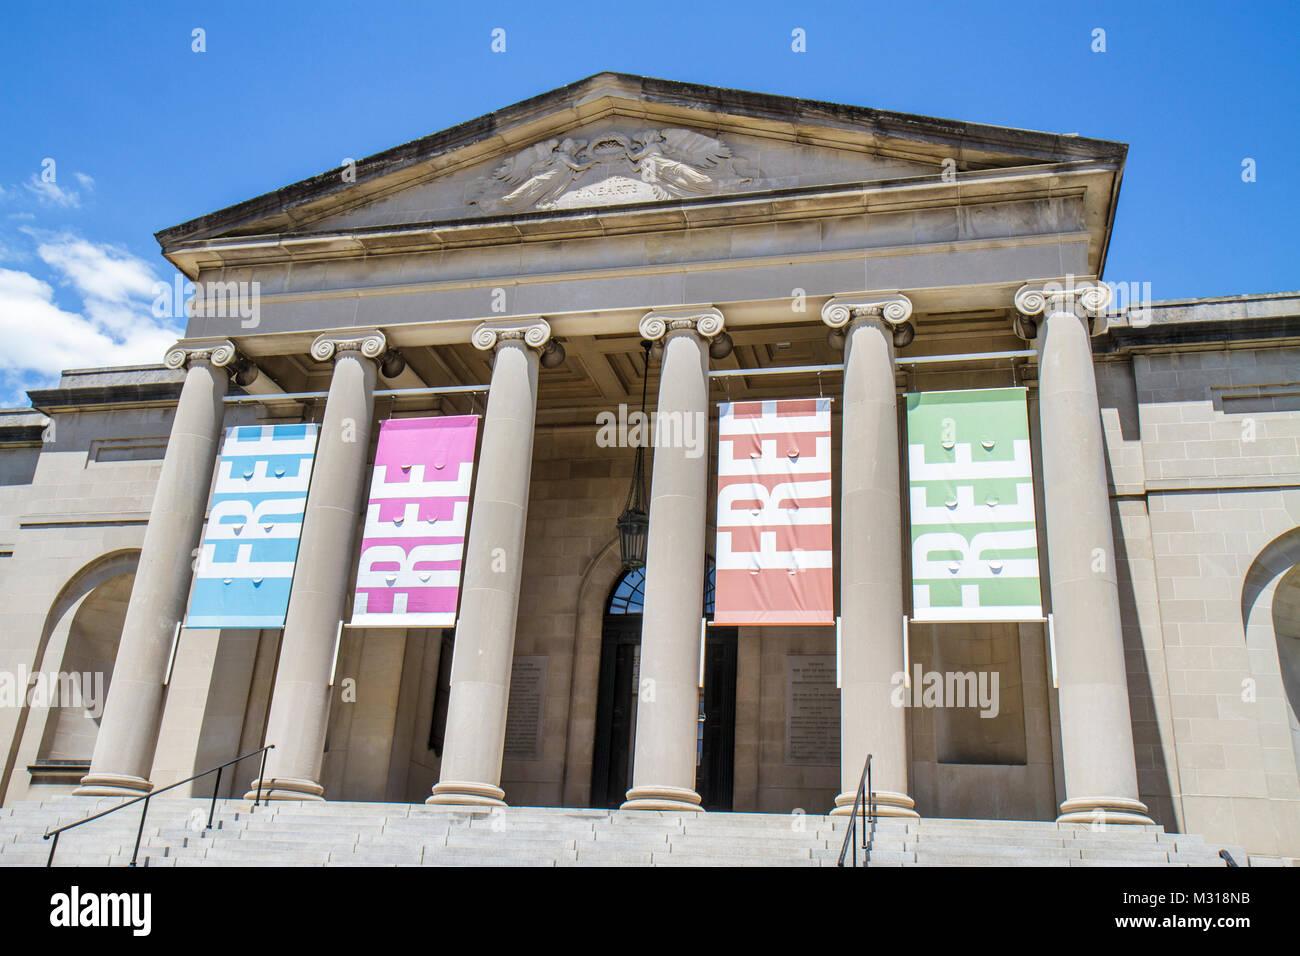 Baltimore Maryland Wyman Park Baltimore Museum of Art architecture néoclassique entrée entrée libre Photo Stock